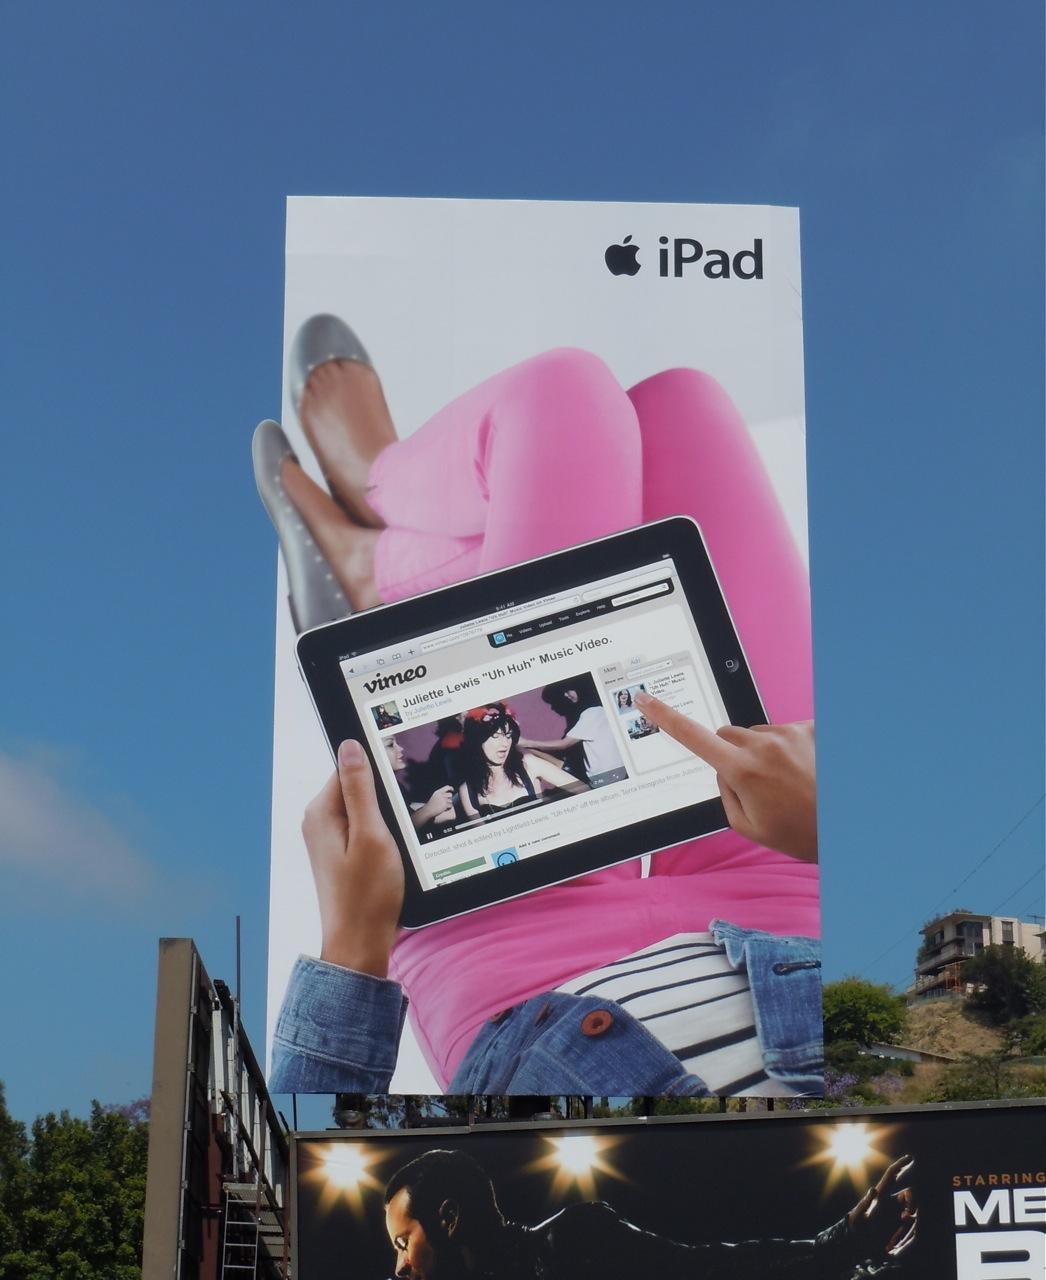 ipad-Billboard-3.jpg